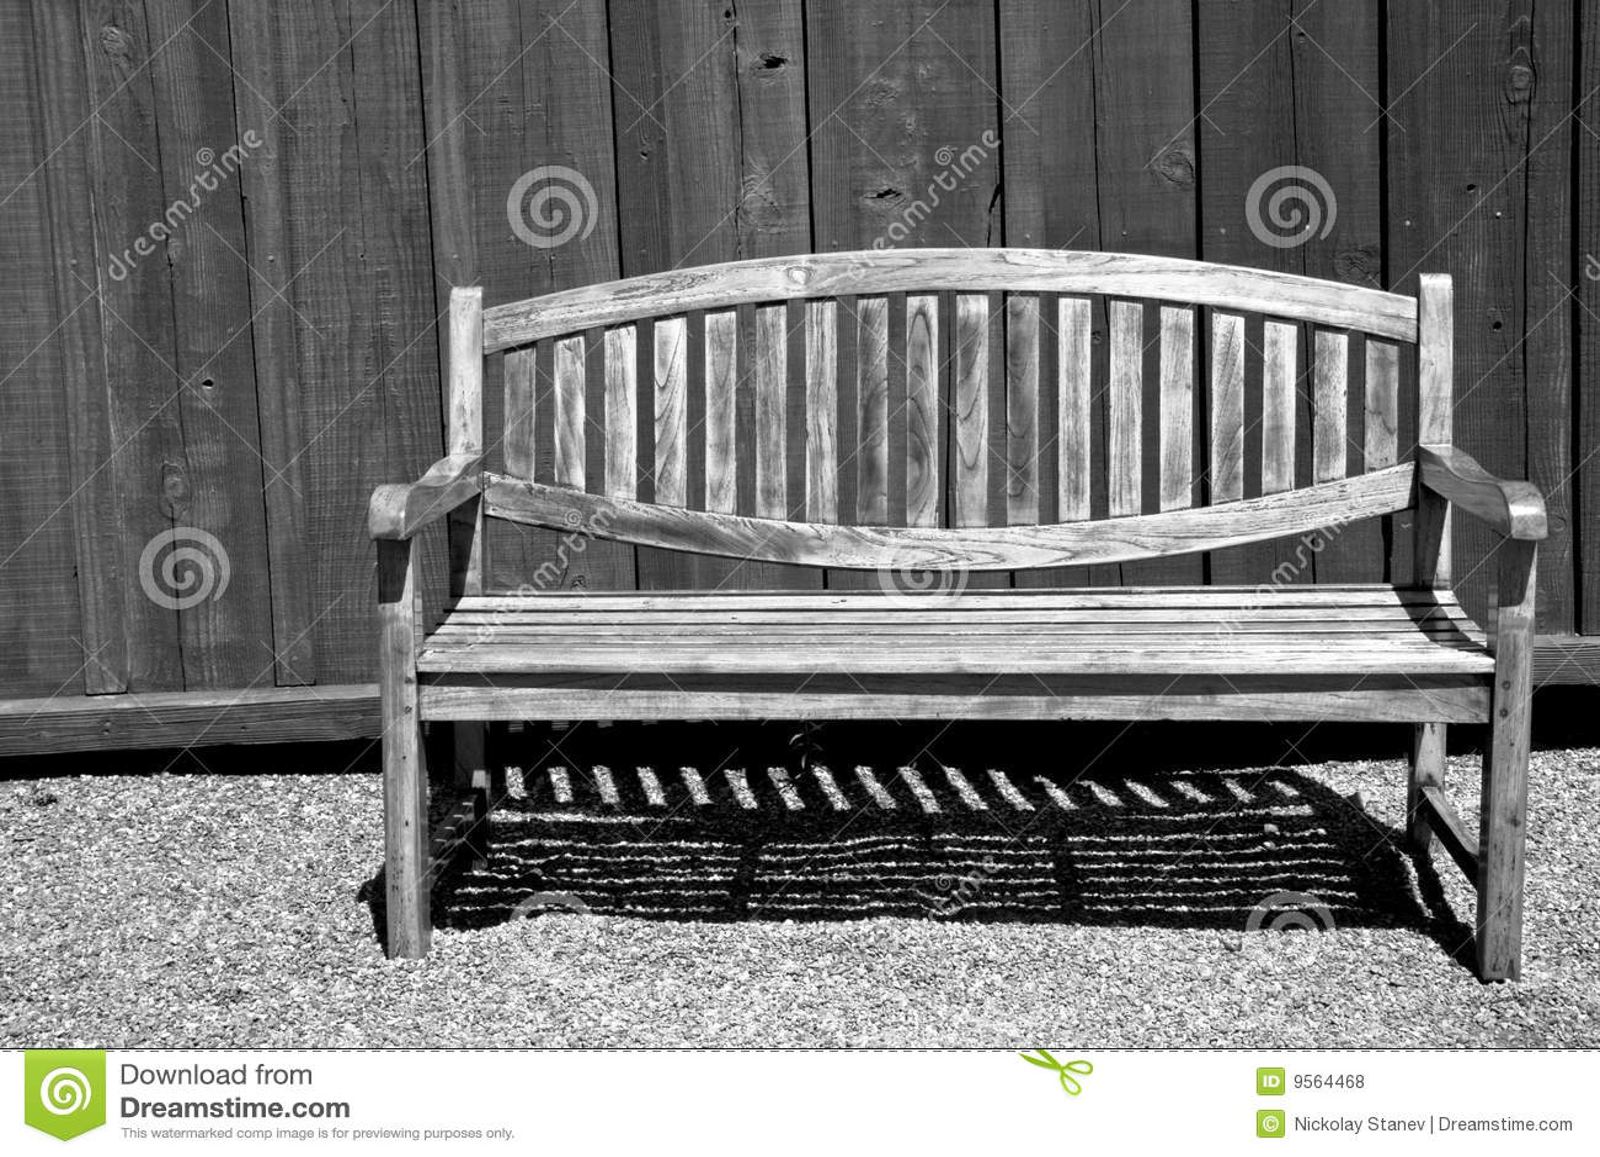 Beau banc de jardin en noir et blanc photo stock image du cour caillou 9564468 - Banc de jardin blanc ...